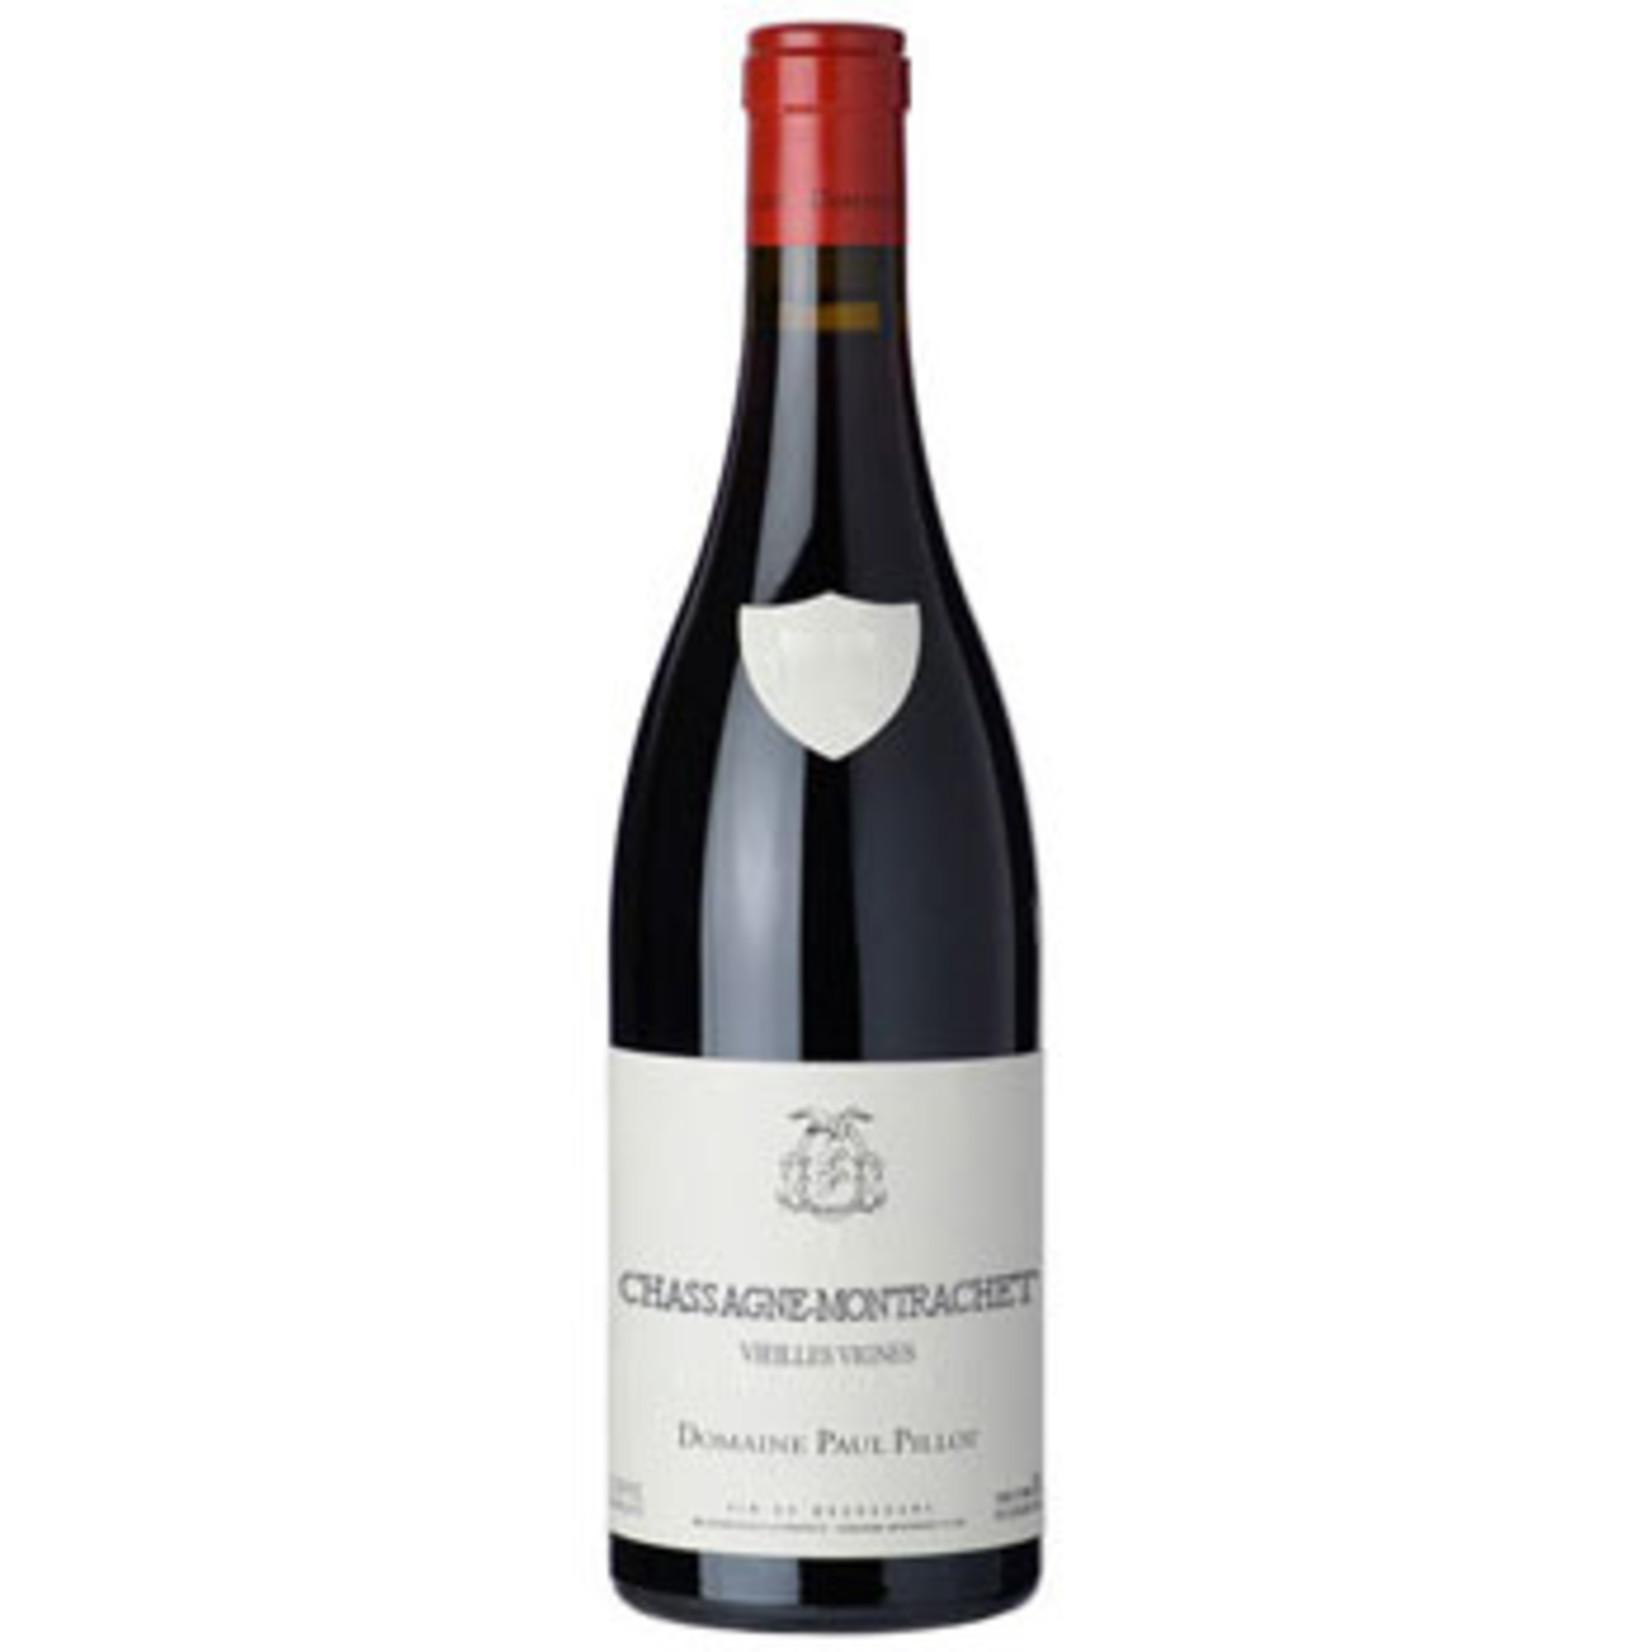 Chassagne Montrachet Rouge Vieilles Vignes, Domaine Paul Pillot, 2016